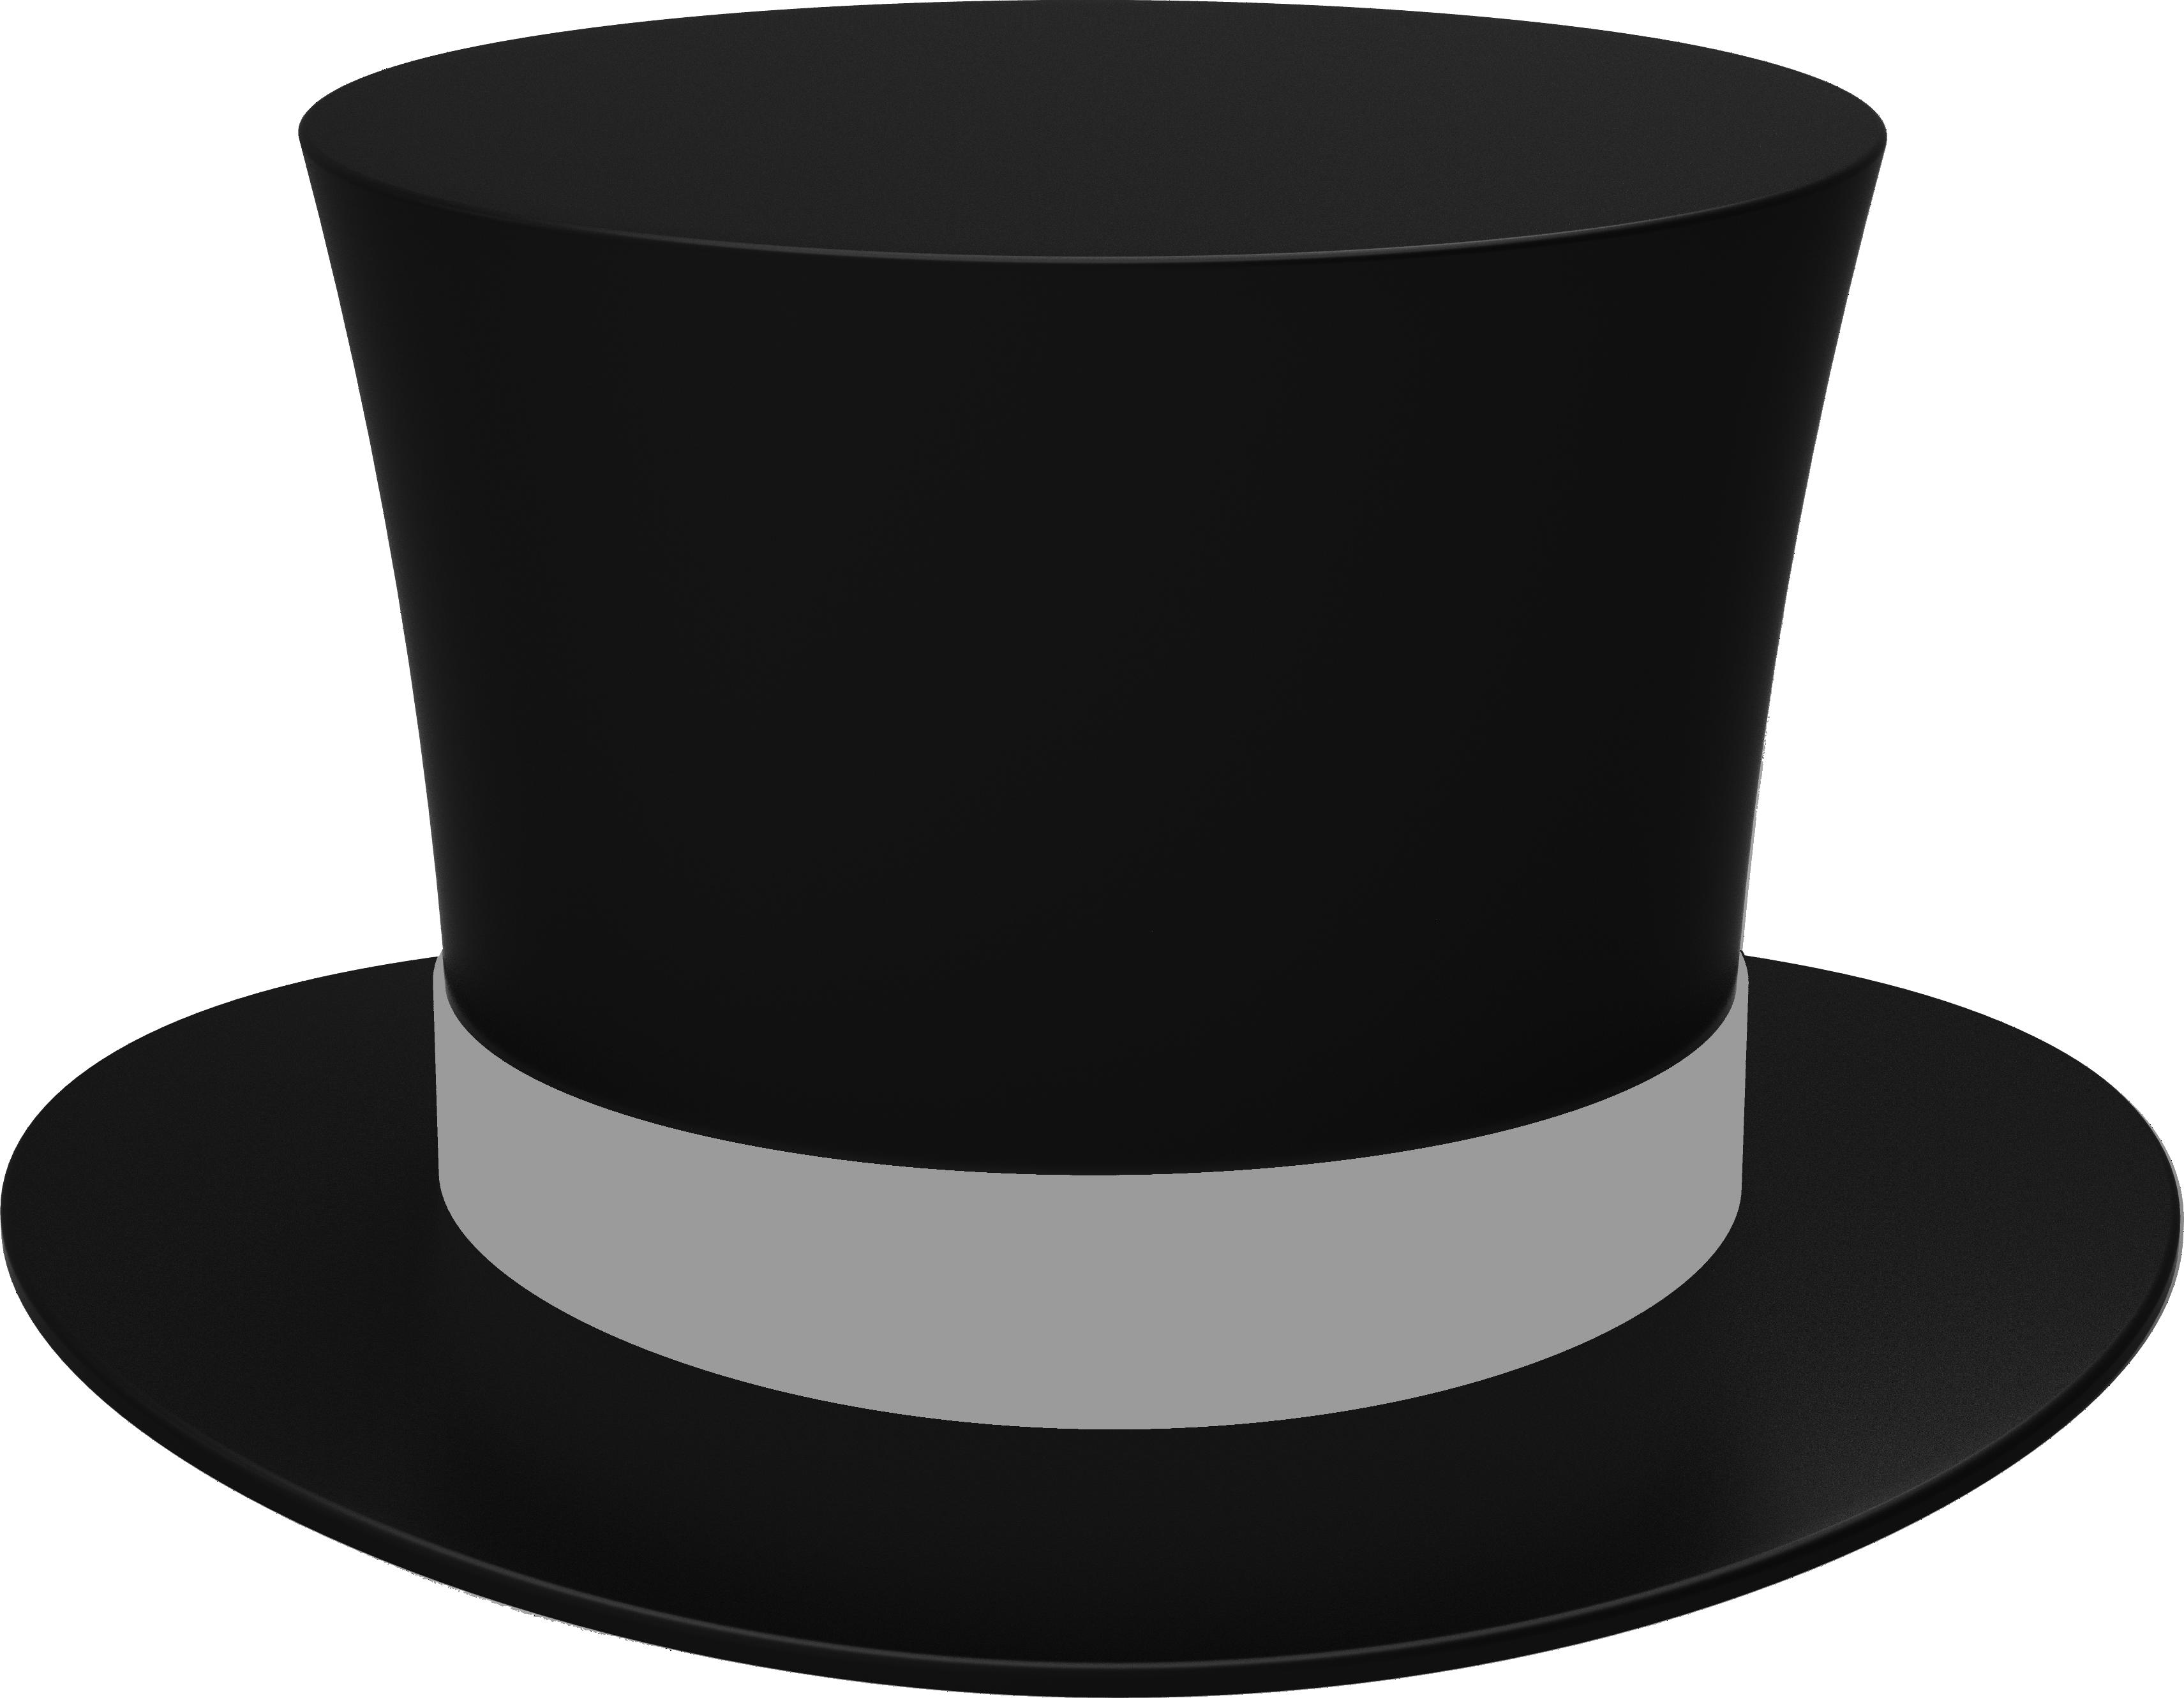 шляпа черный цилиндр PNG фото